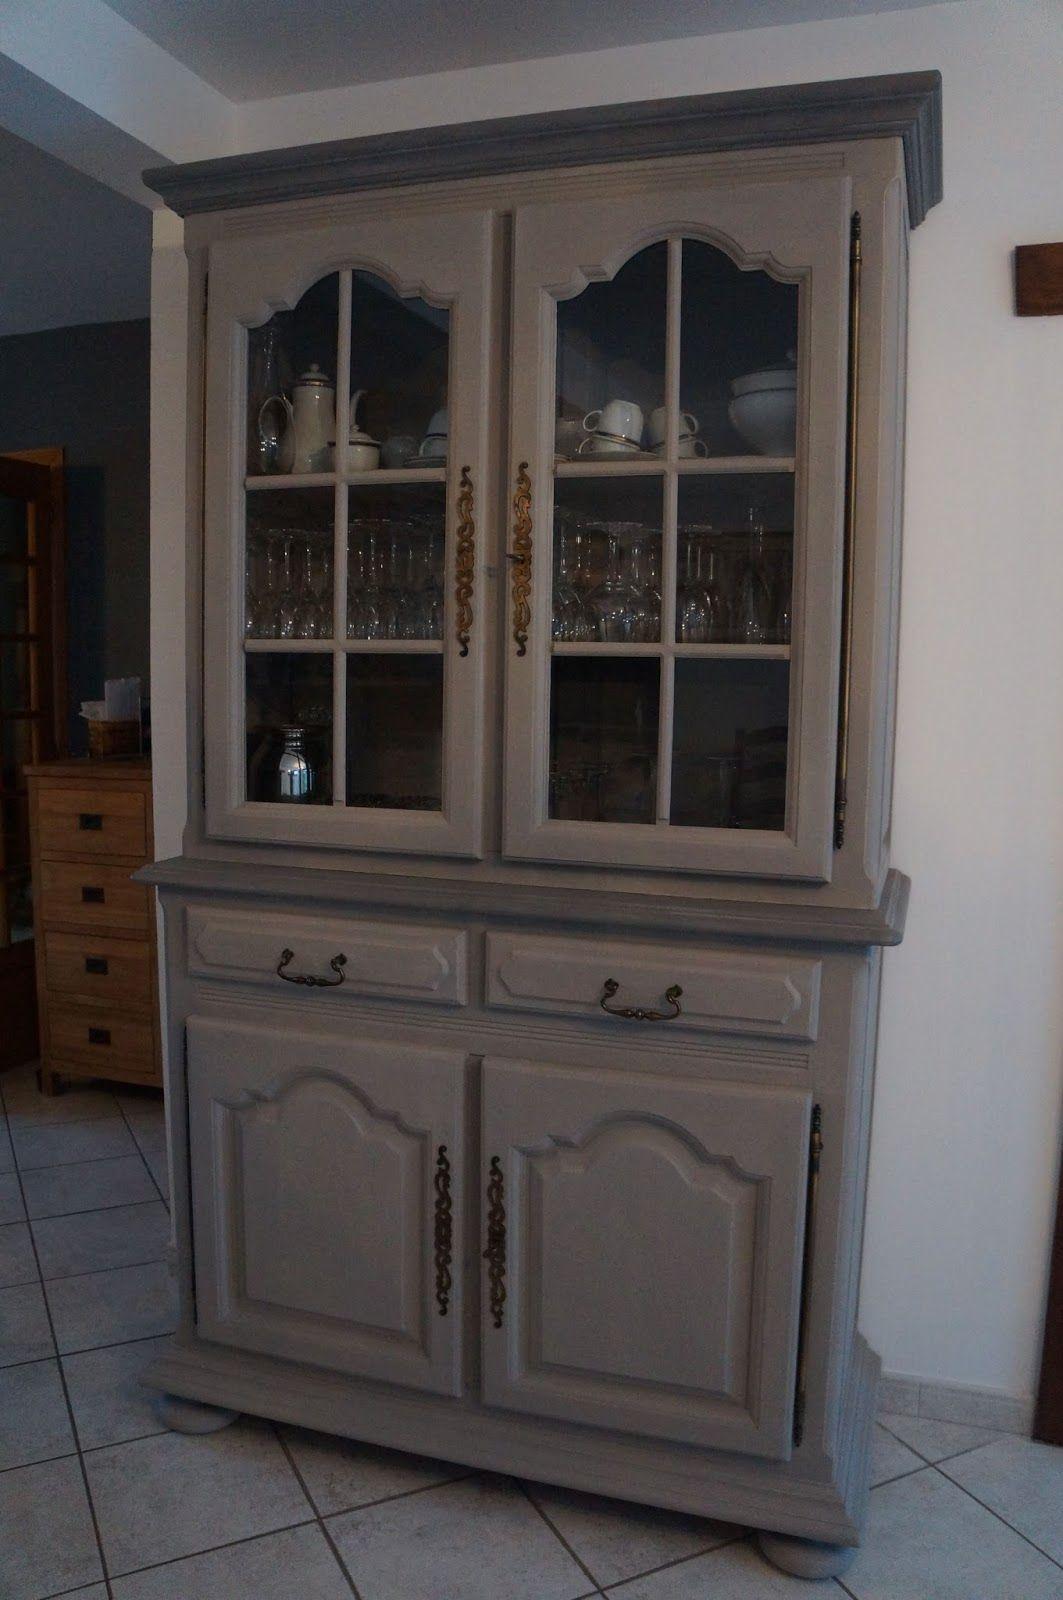 R novation vaisselier meuble en ch ne patin lin taupe nord lille urlu et berlu vieux - Renovation meuble en chene ...